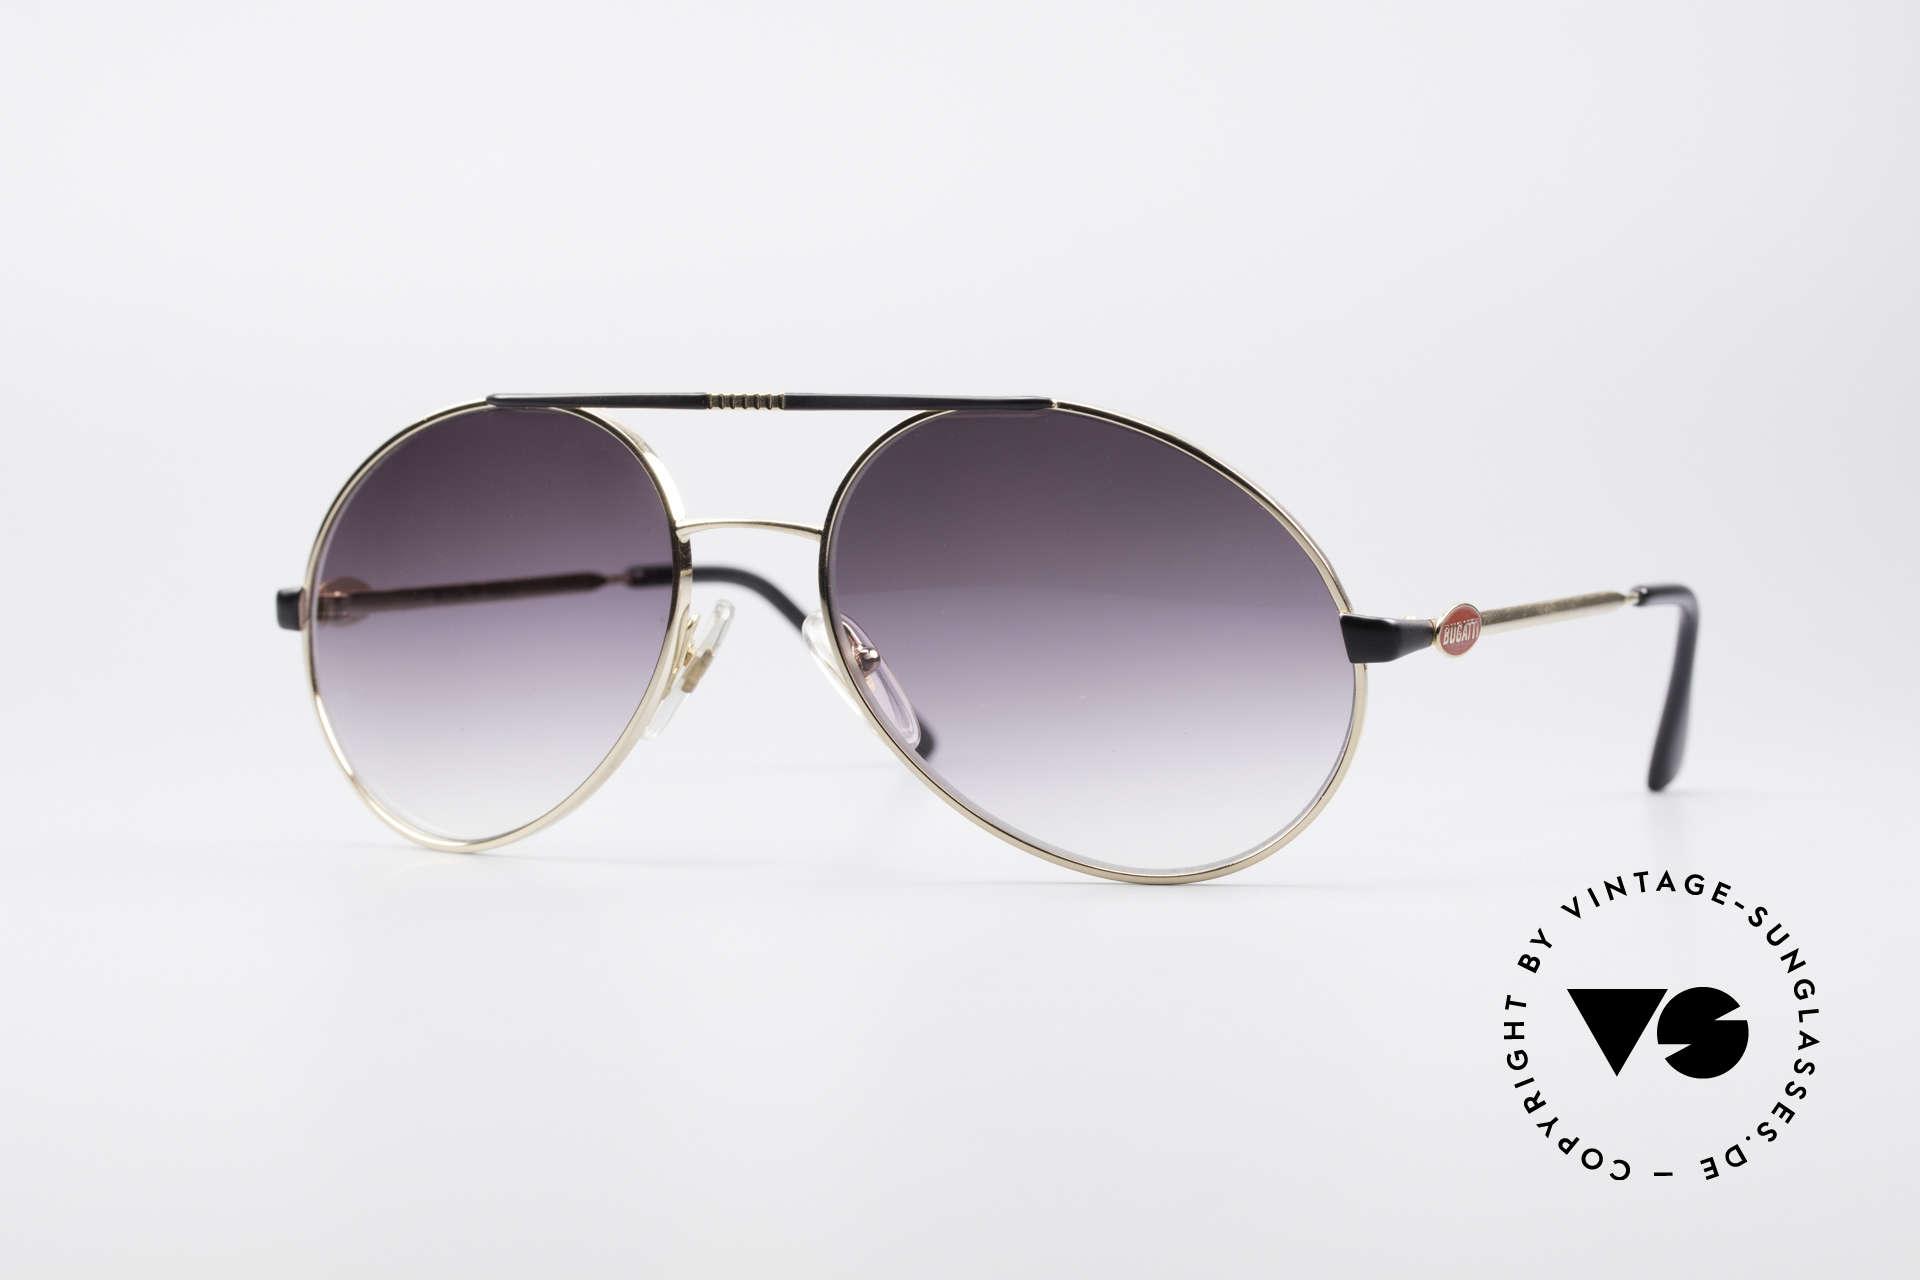 Bugatti 65837 80er Luxus Vintage Brille, vintage Sonnenbrille im klassischen BUGATTI-Design, Passend für Herren